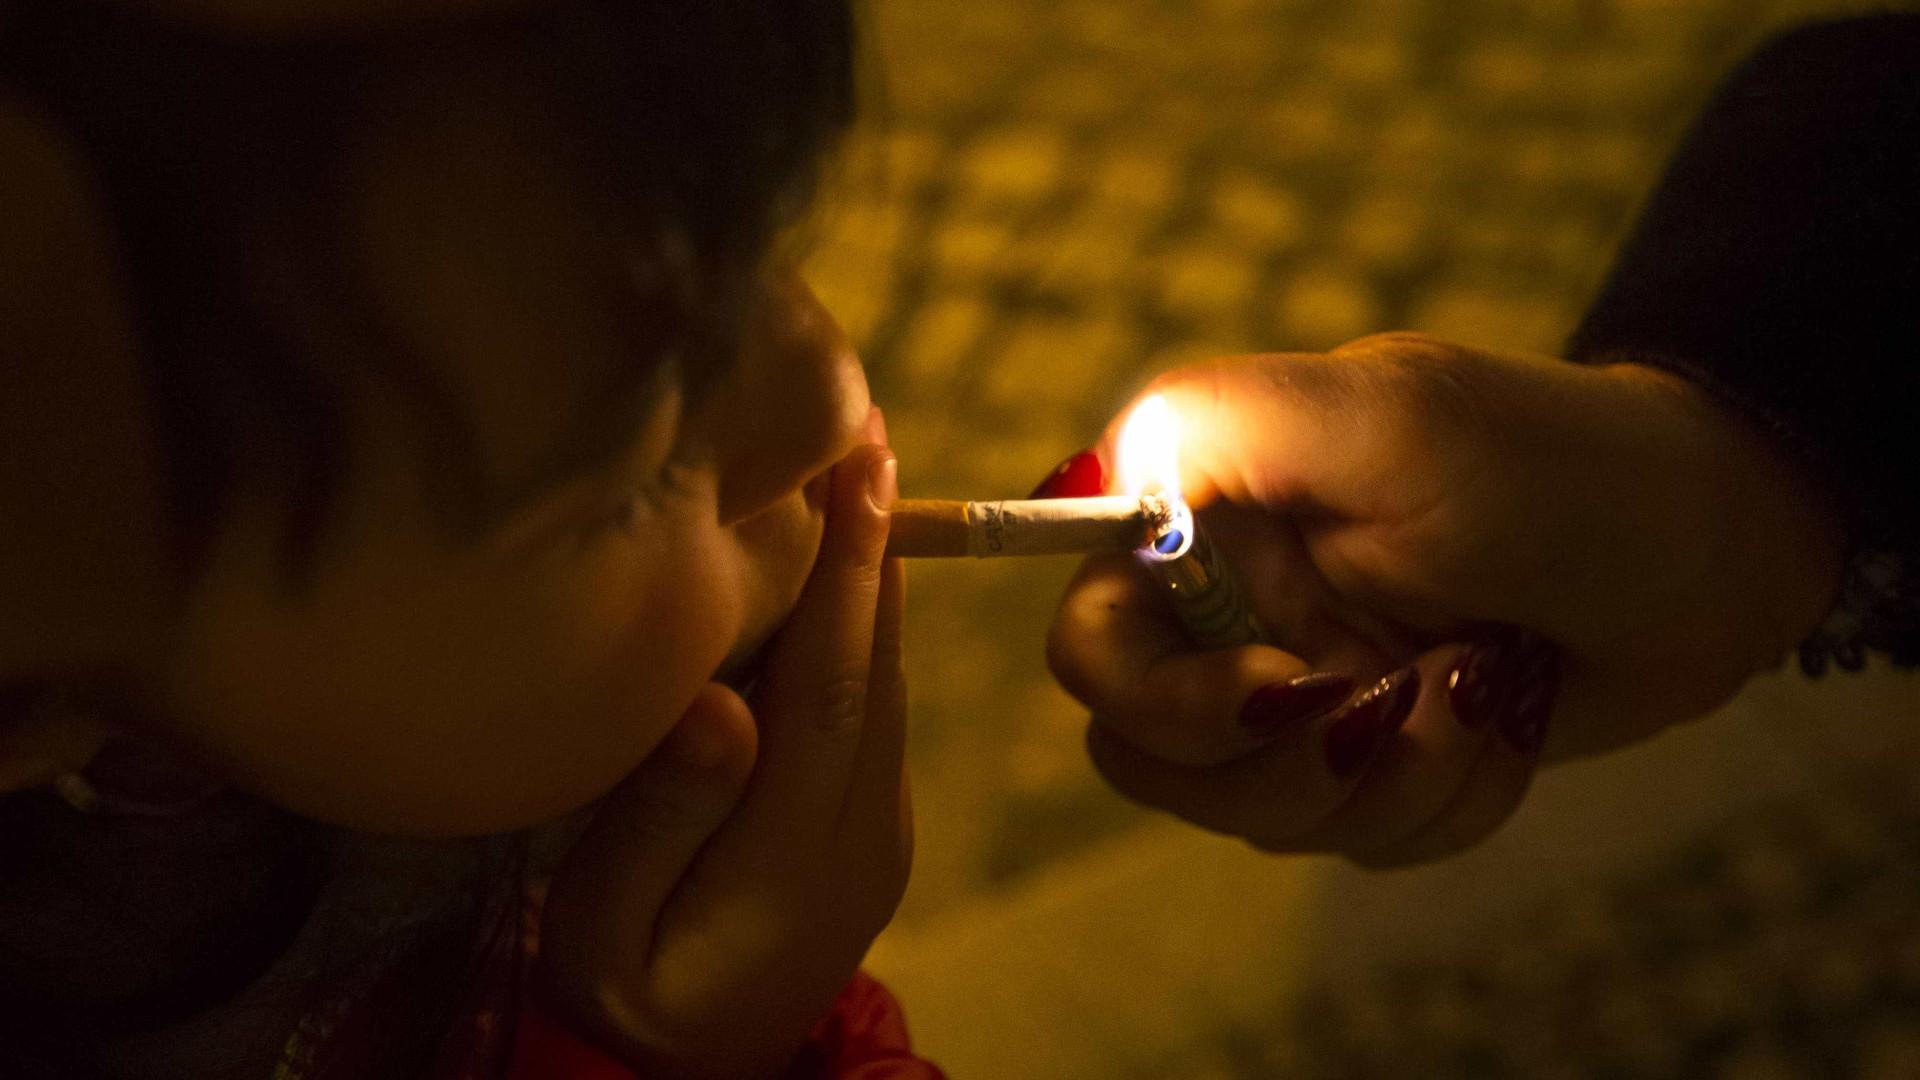 Aldeia portuguesa onde tradição põe miúdos a fumar é notícia lá fora